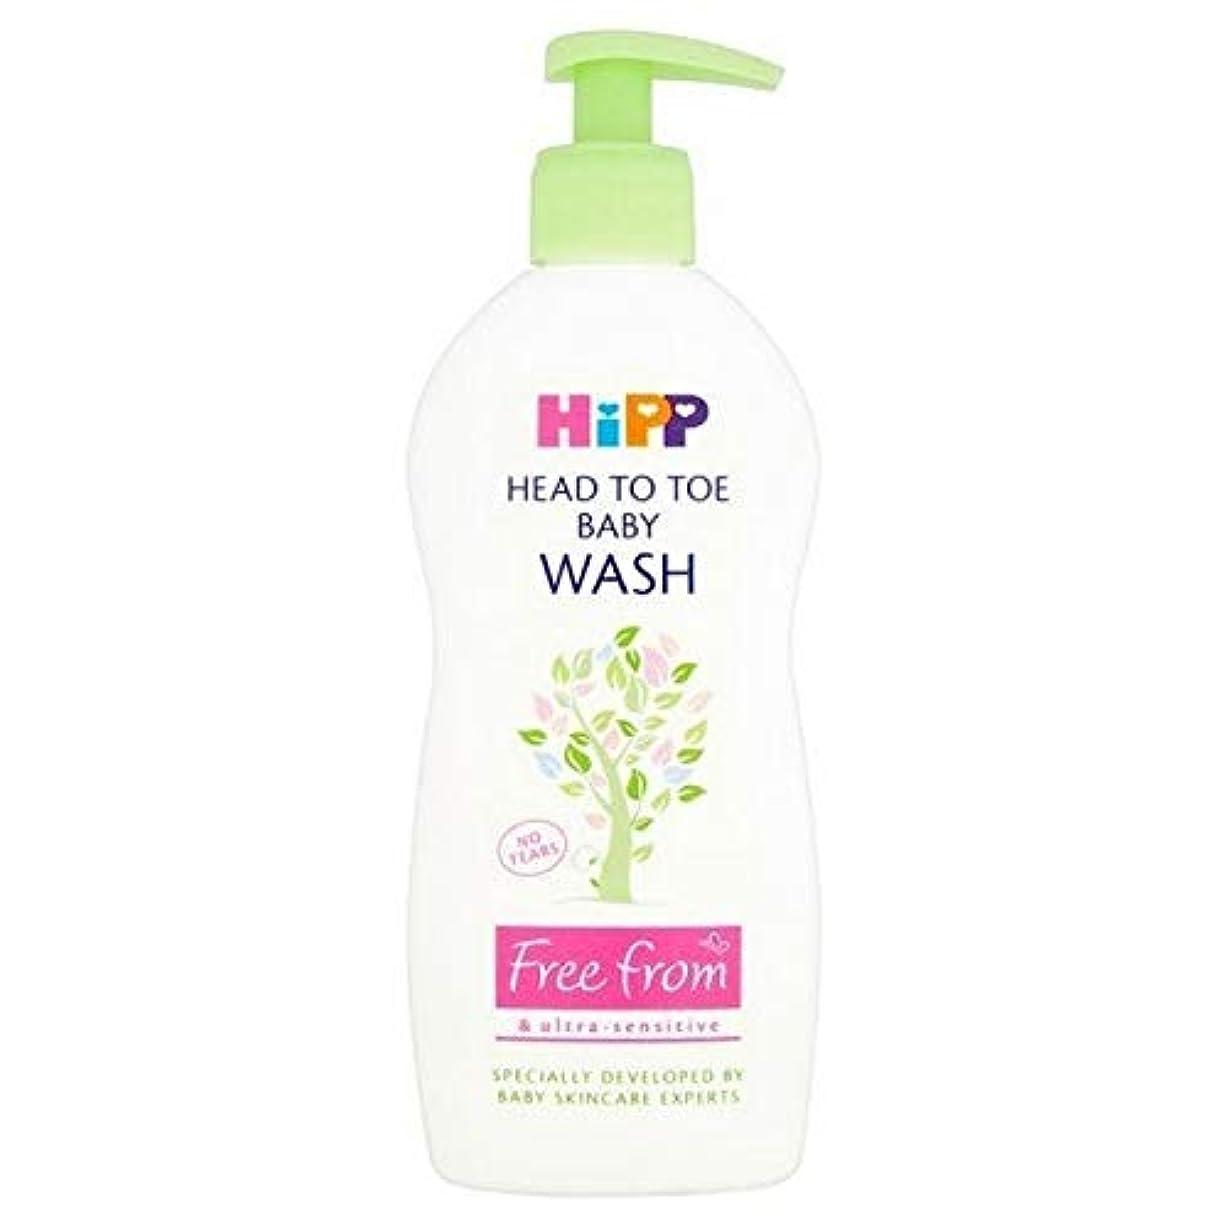 審判手首塗抹[Hipp ] 頭からつま先洗浄400ミリリットルにヒップ無料 - HiPP Free From Head to Toe Wash 400ml [並行輸入品]